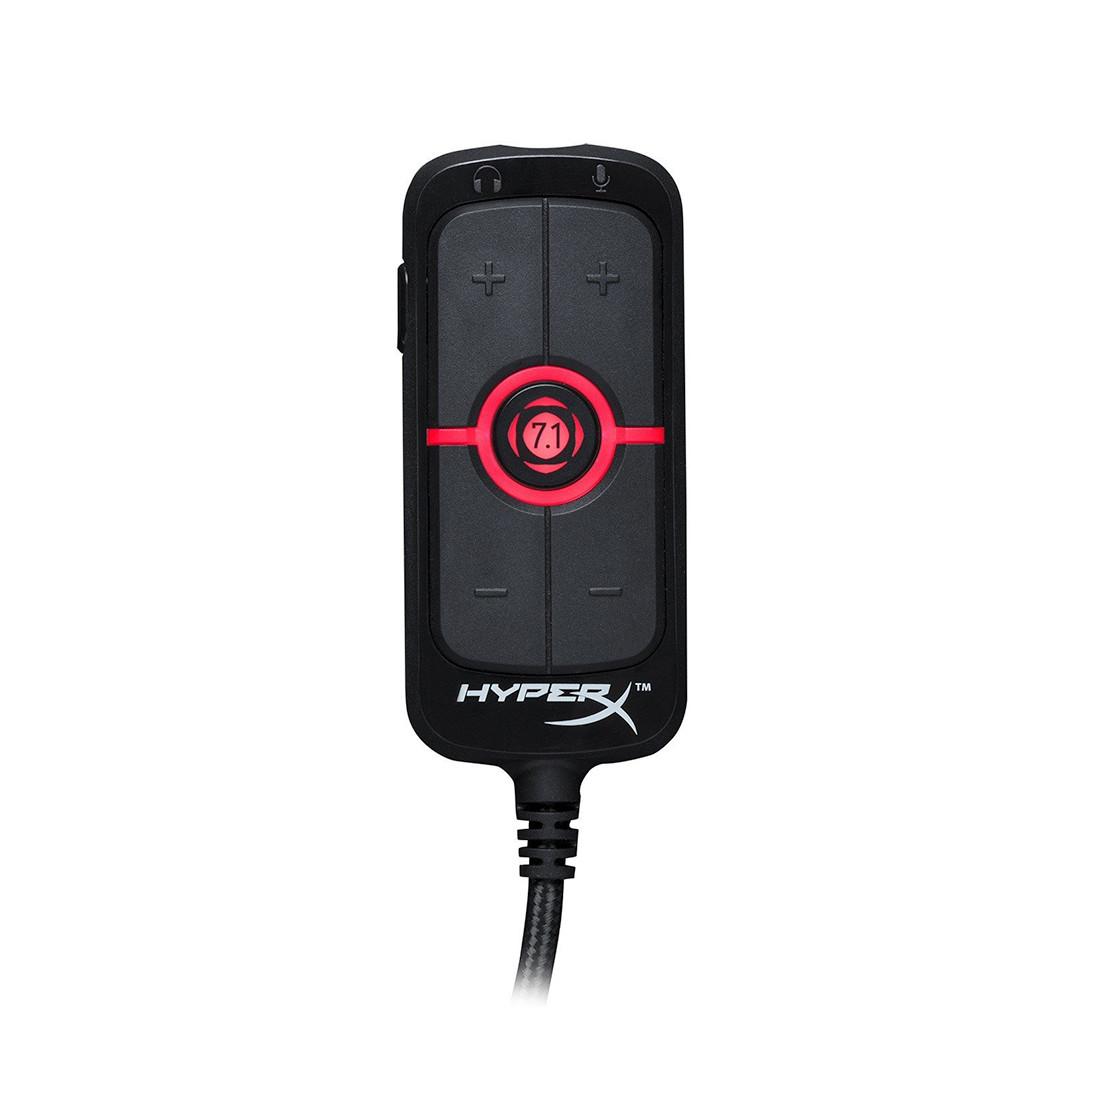 Звуковая карта для наушников HyperX HX-USCCAMSS-BK Amp USB 7.1